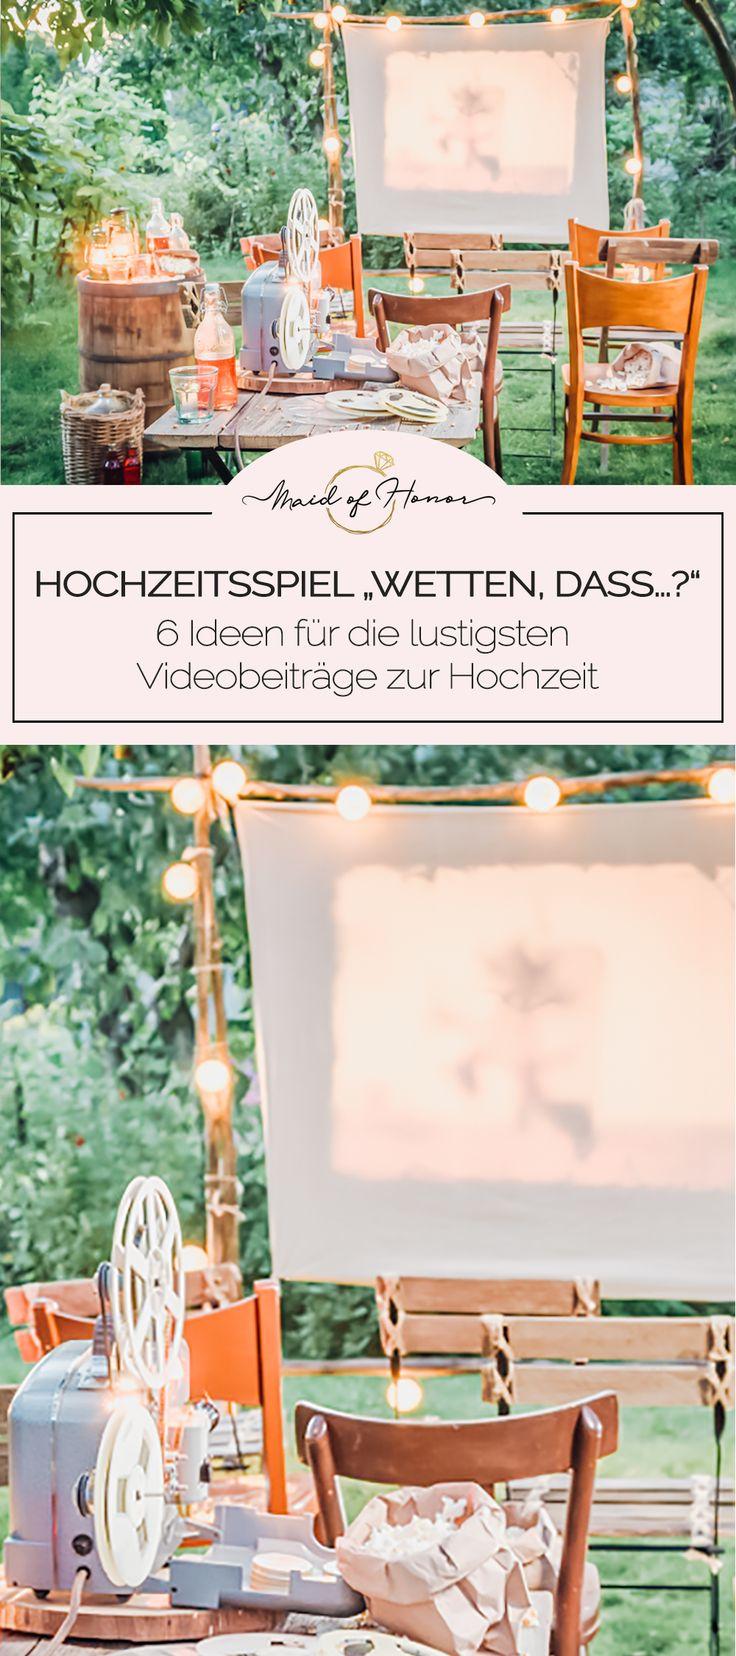 """HOCHZEITSSPIEL """"WETTEN, DASS…?"""" – 6 Ideen für die lustigsten Videobeiträge zur Hochzeit  – Hochzeit"""